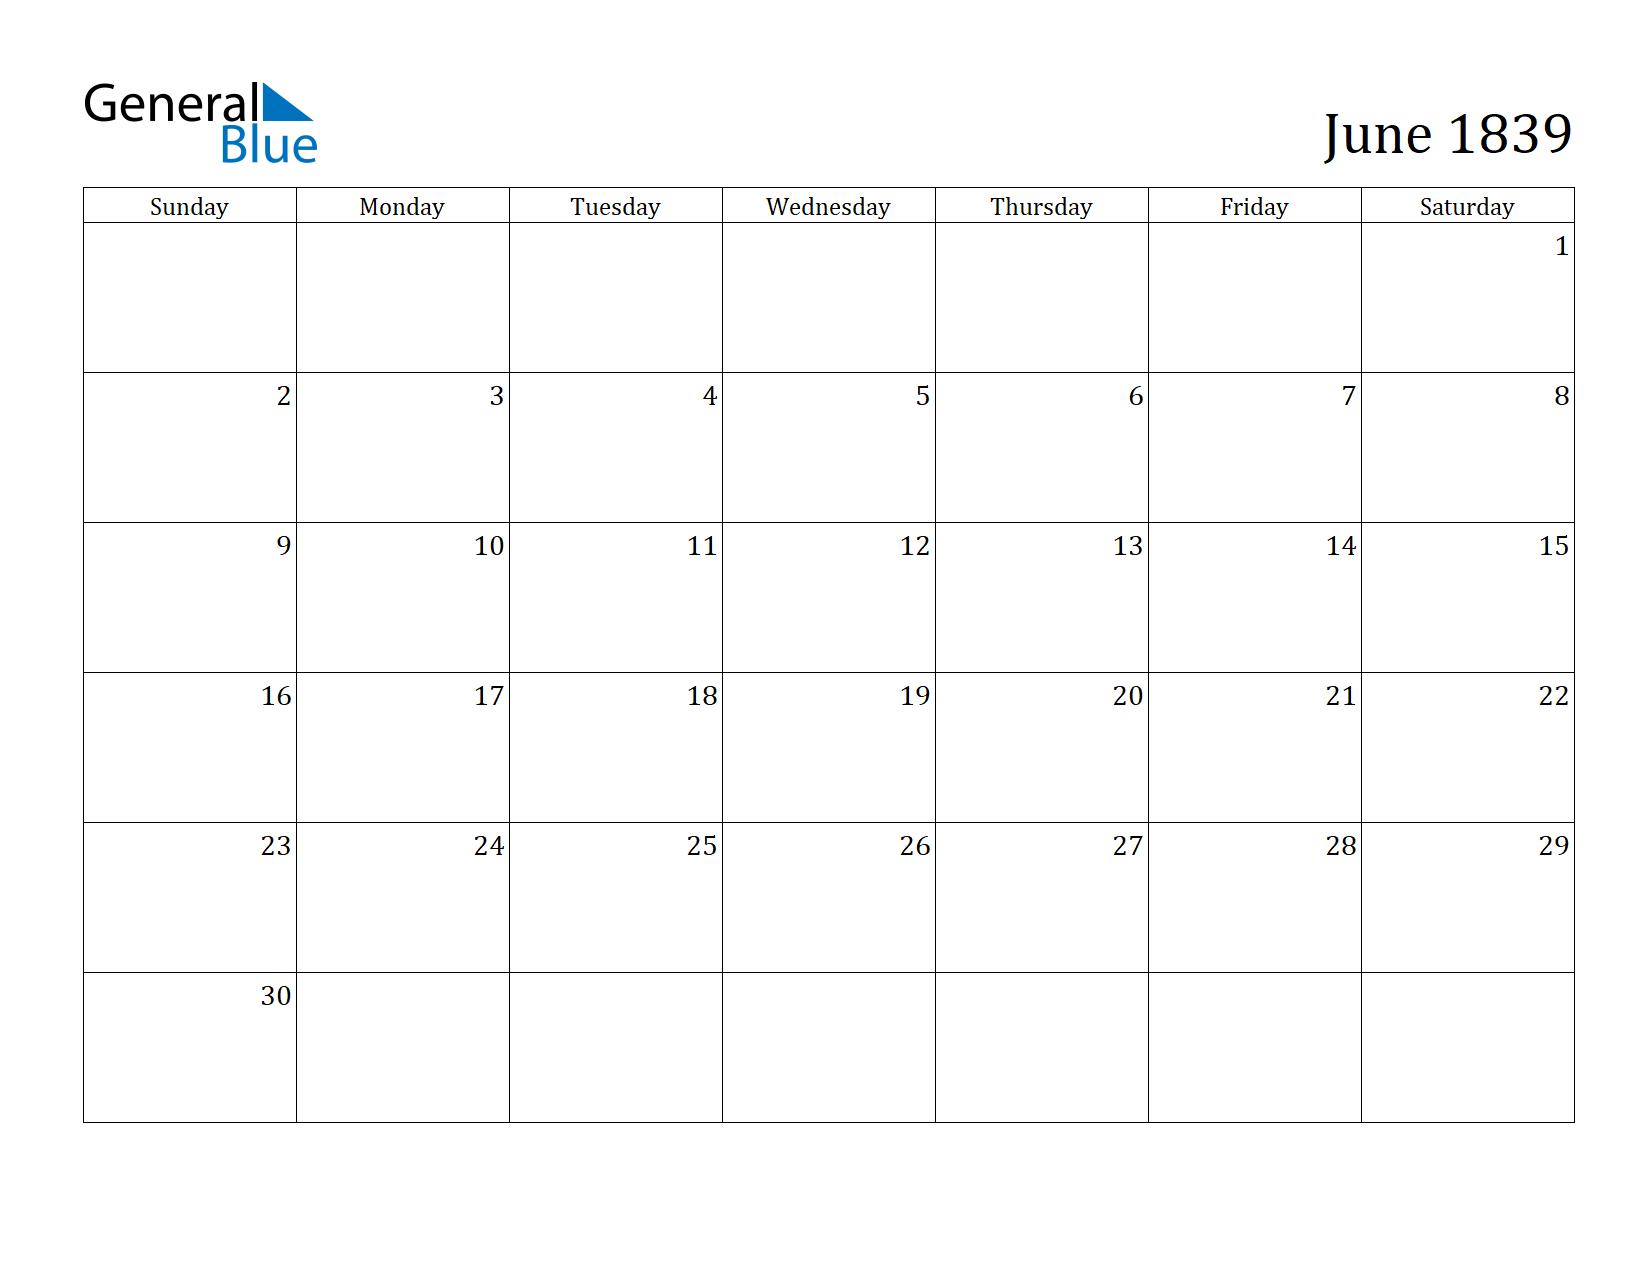 Image of June 1839 Calendar